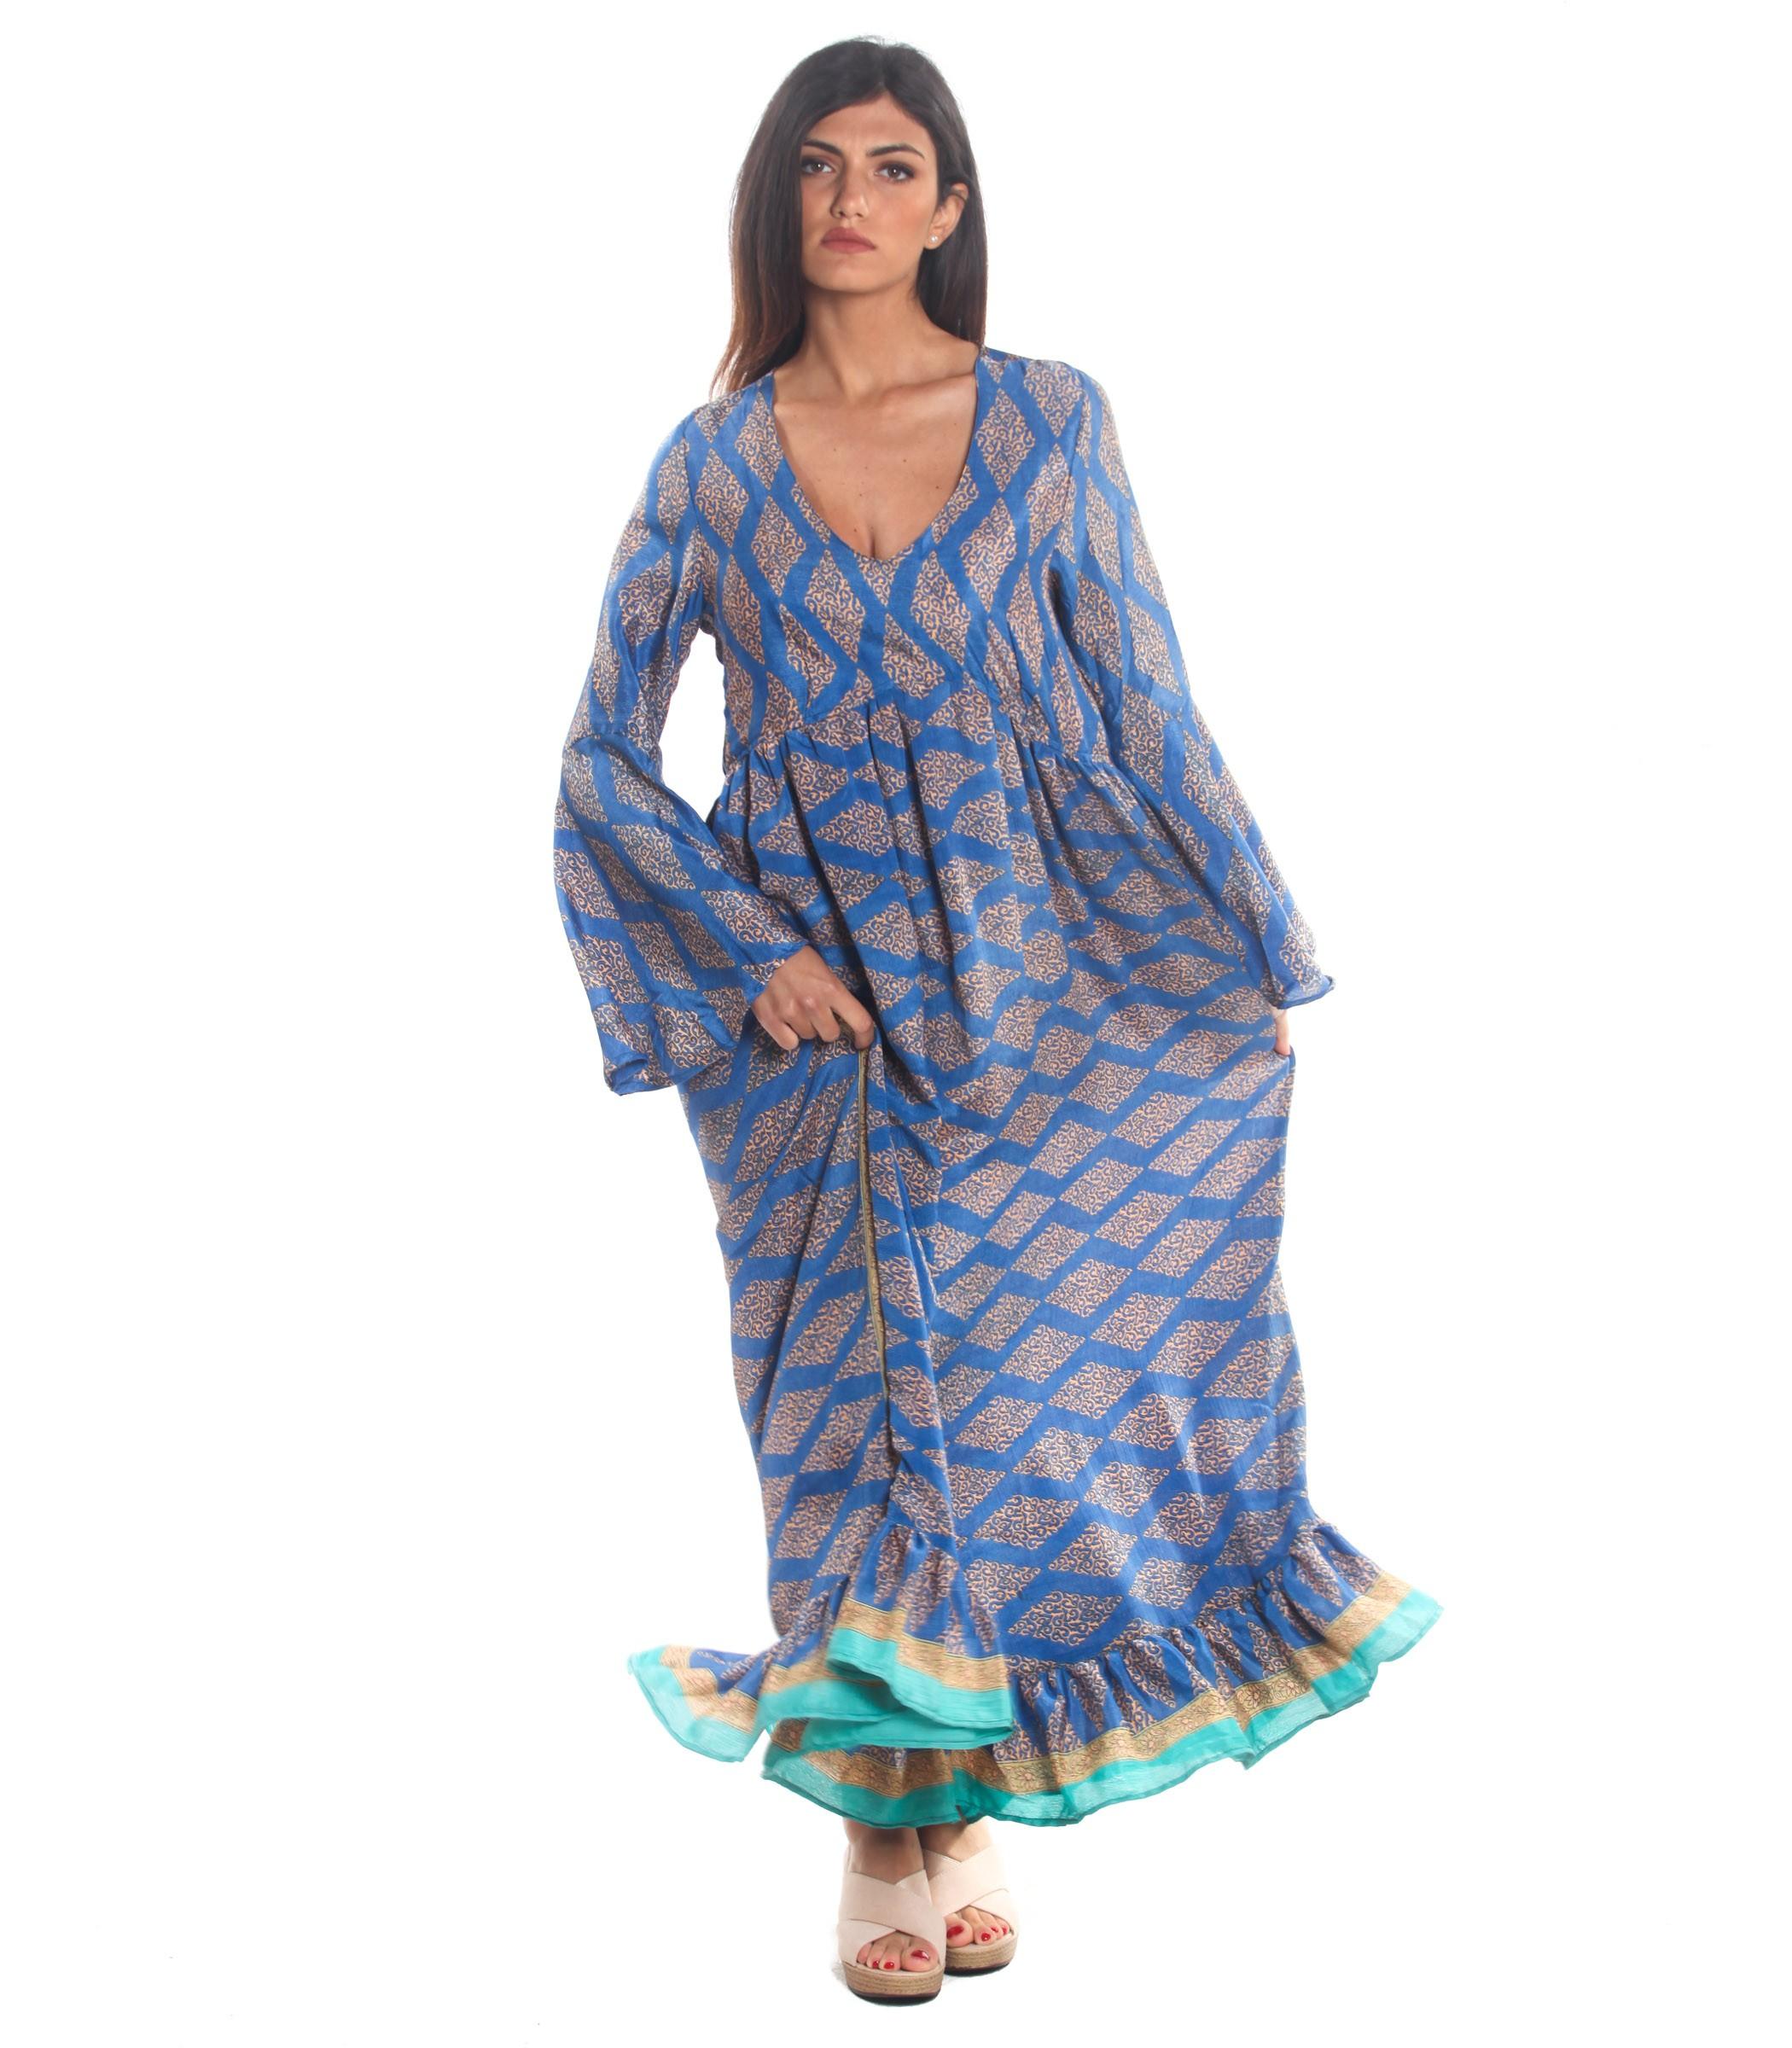 finest selection 996f7 6e576 Vestito Abito Moda Ibiza a fantasia multicolore da donna rif ...